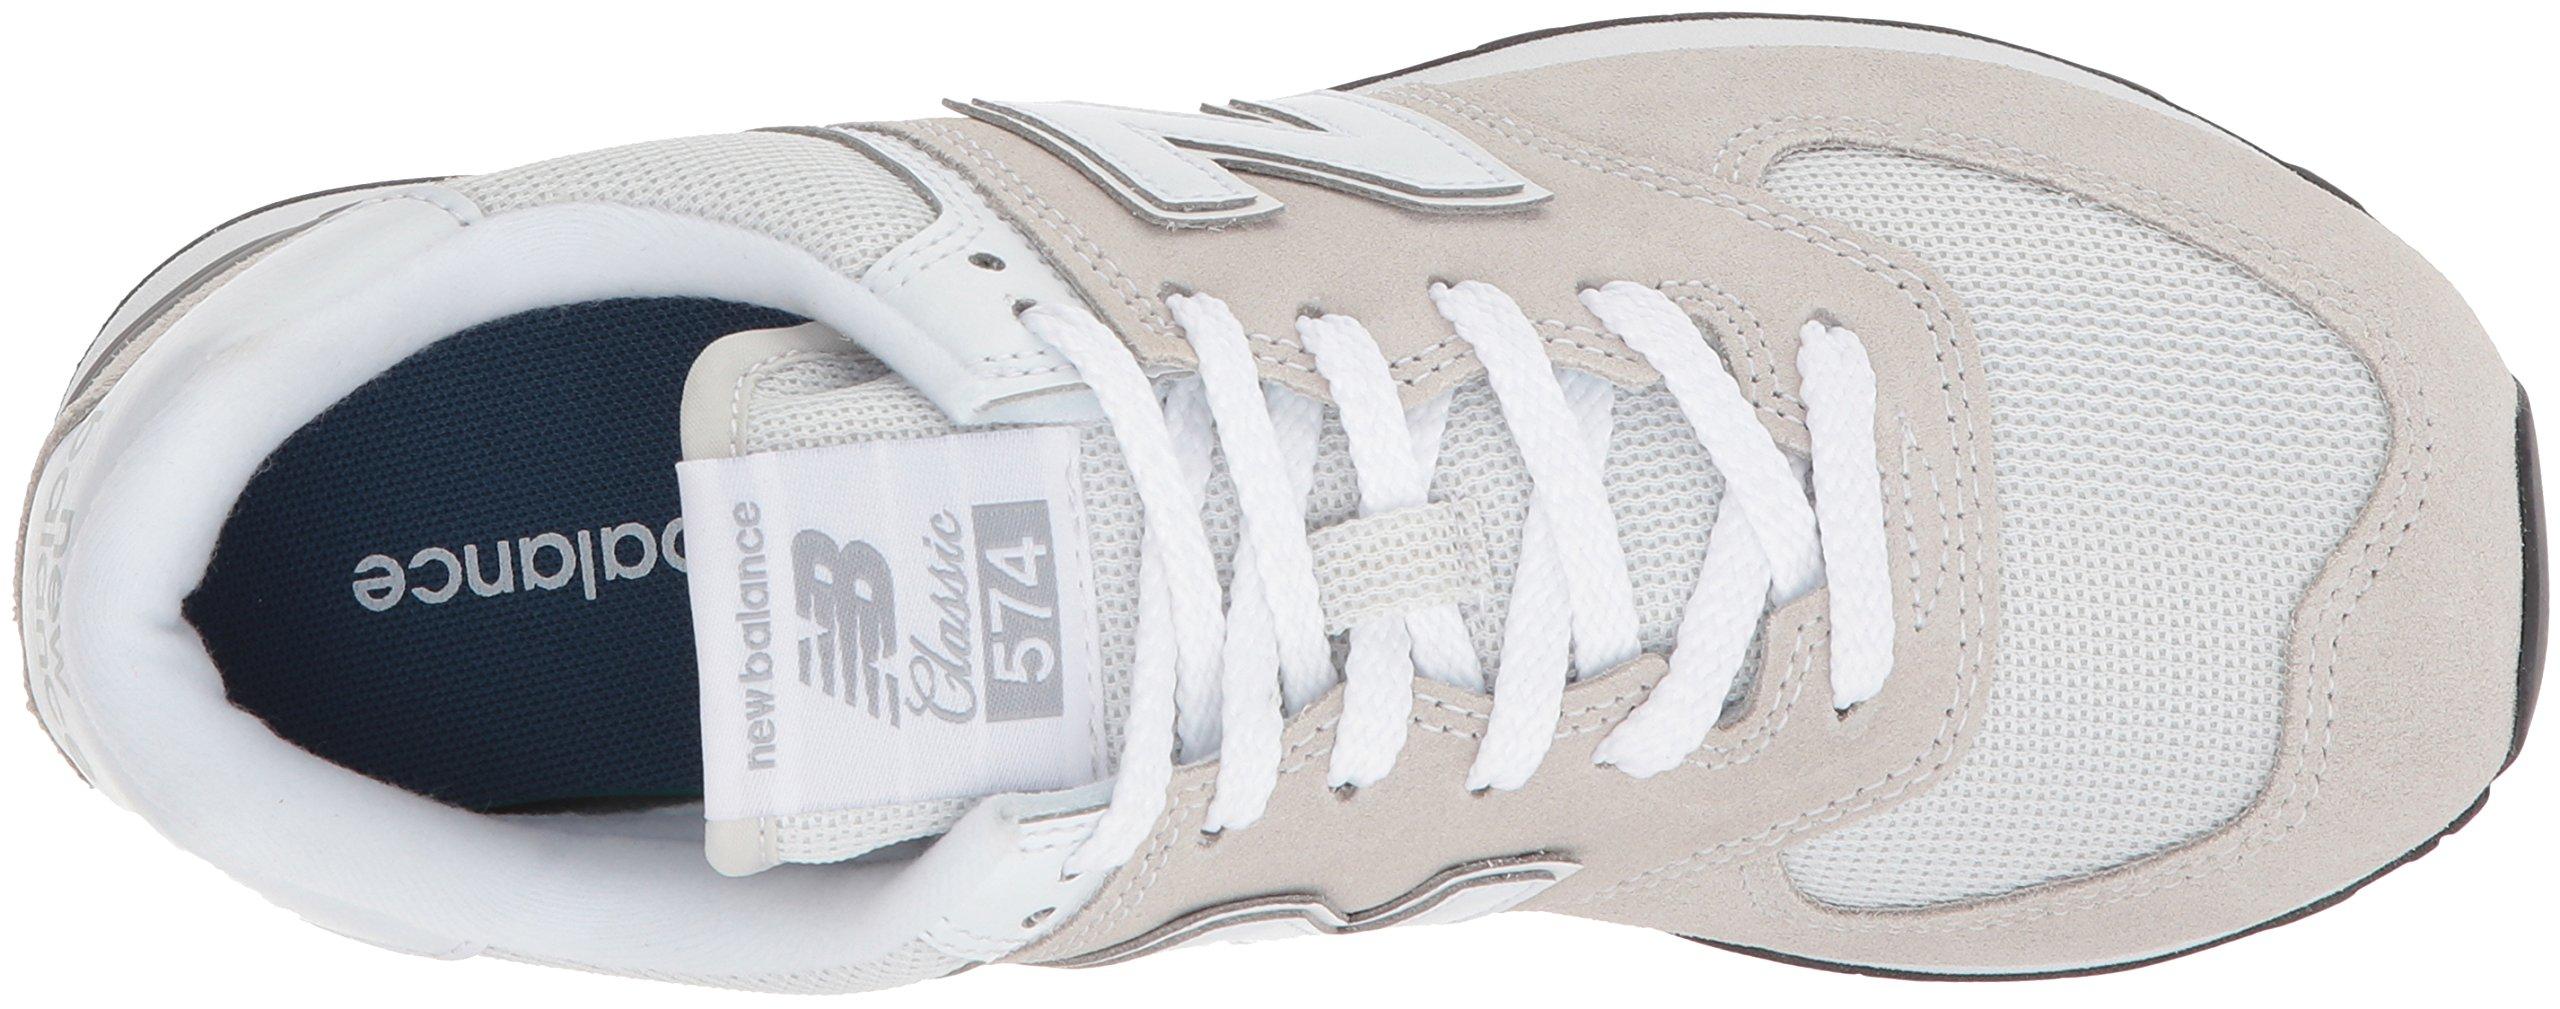 new balance men's m1500bg3 d running shoes nz